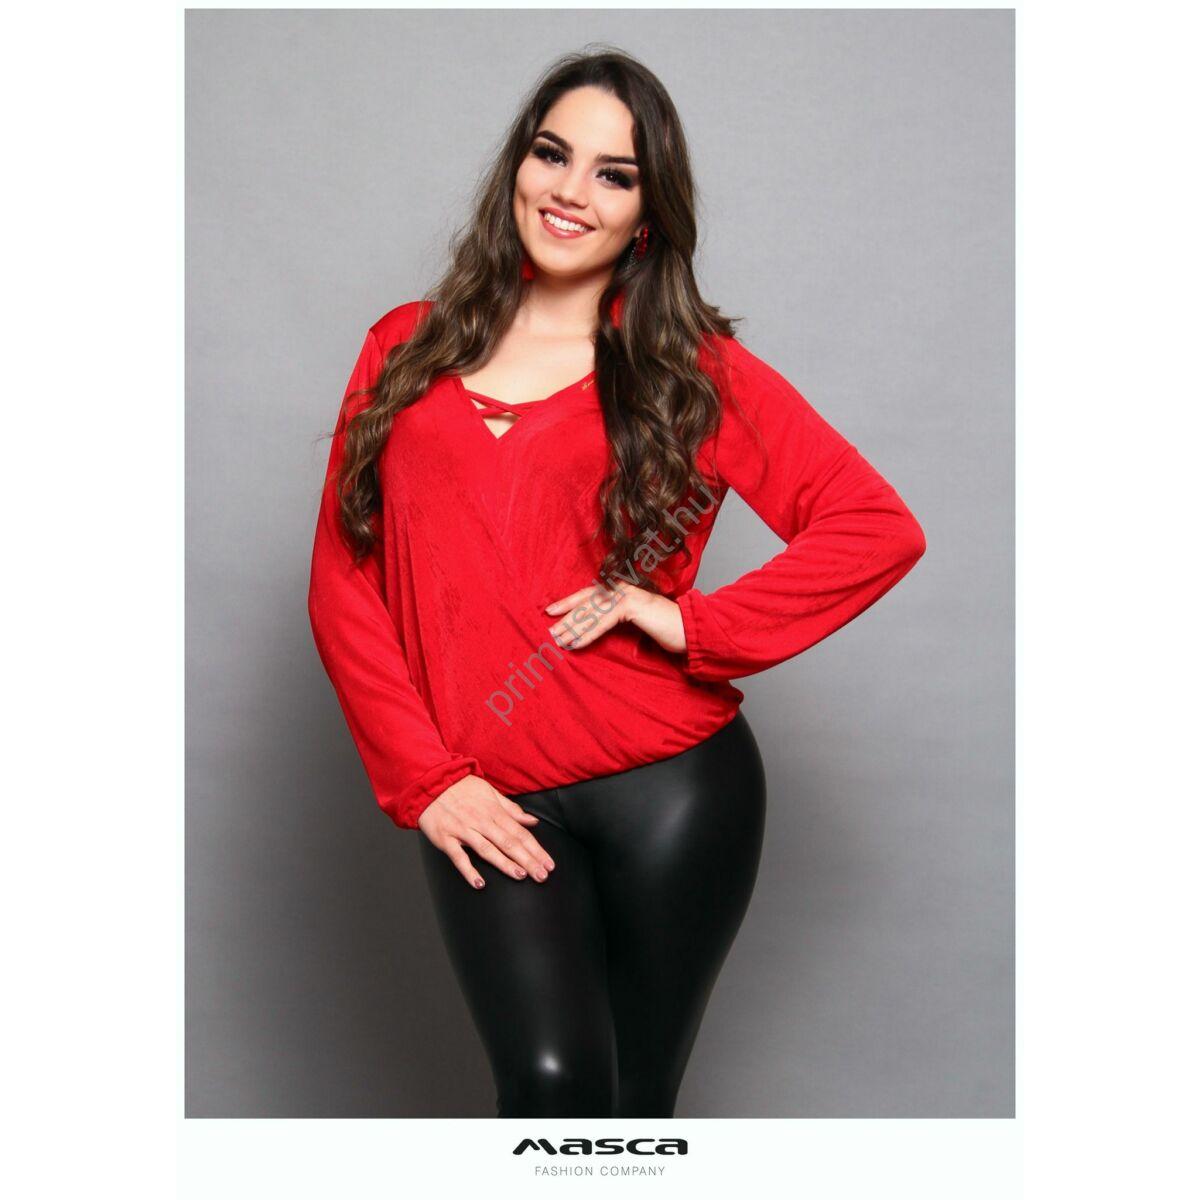 Masca Fashion pánttal összefogott V-nyakú, átlapolt hatású lezser hosszú ujjú piros felső, alján gumis behúzással, rugalmas, fényes felületű hurkolt anyagból